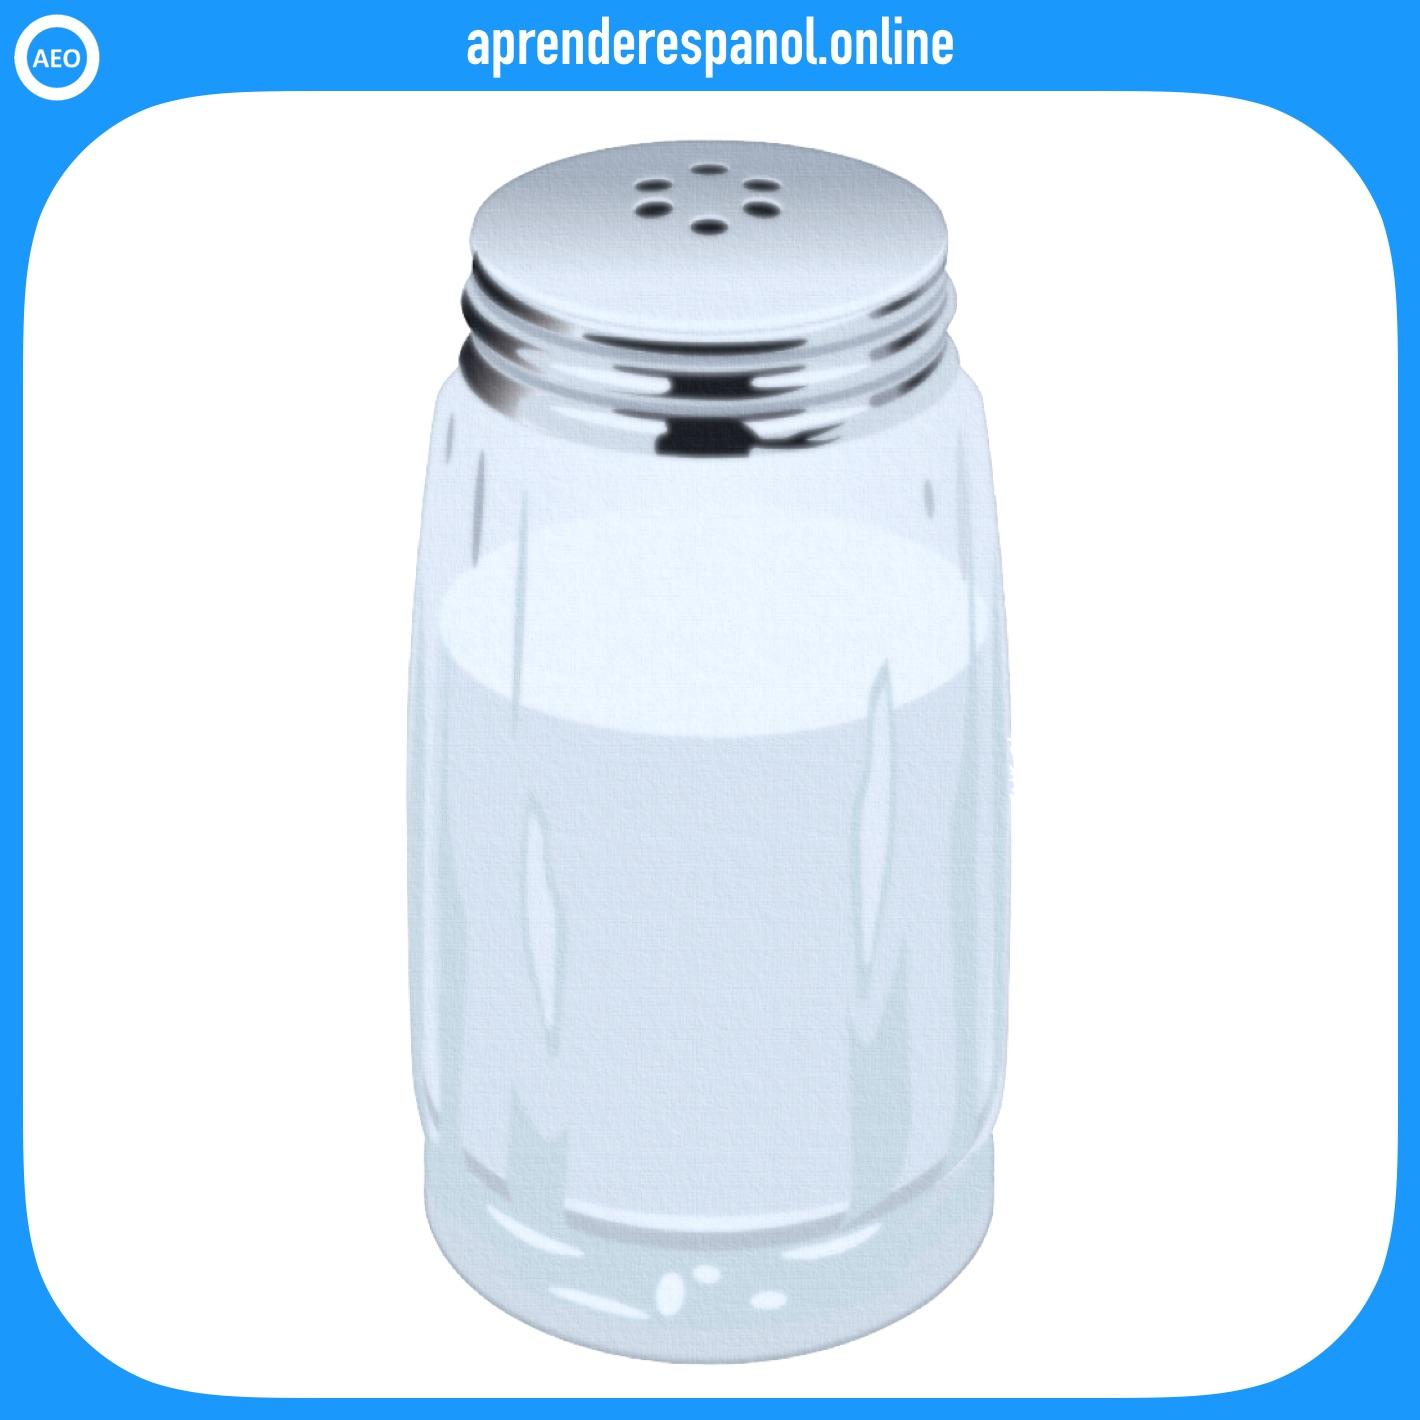 Ejemplo de colores: La sal es de color blanco - Vocabulario de colores